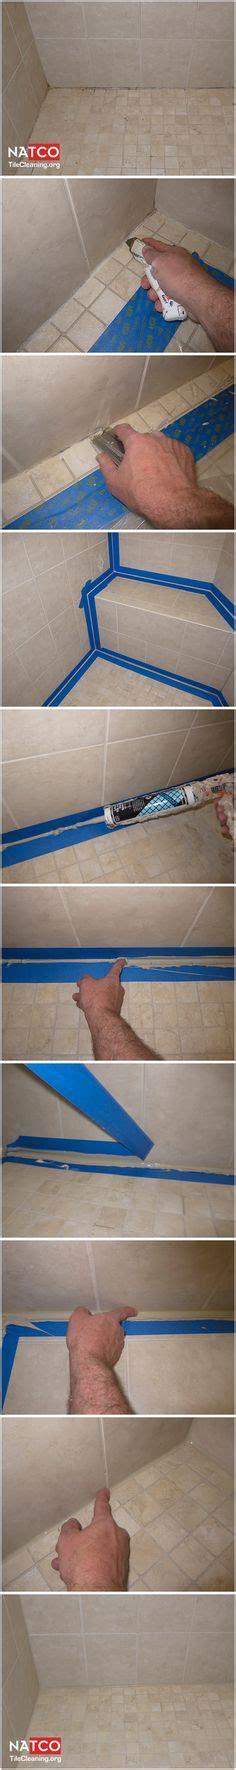 recaulking bathtub 1000 images about re caulking shower on pinterest tile showers showers and utility